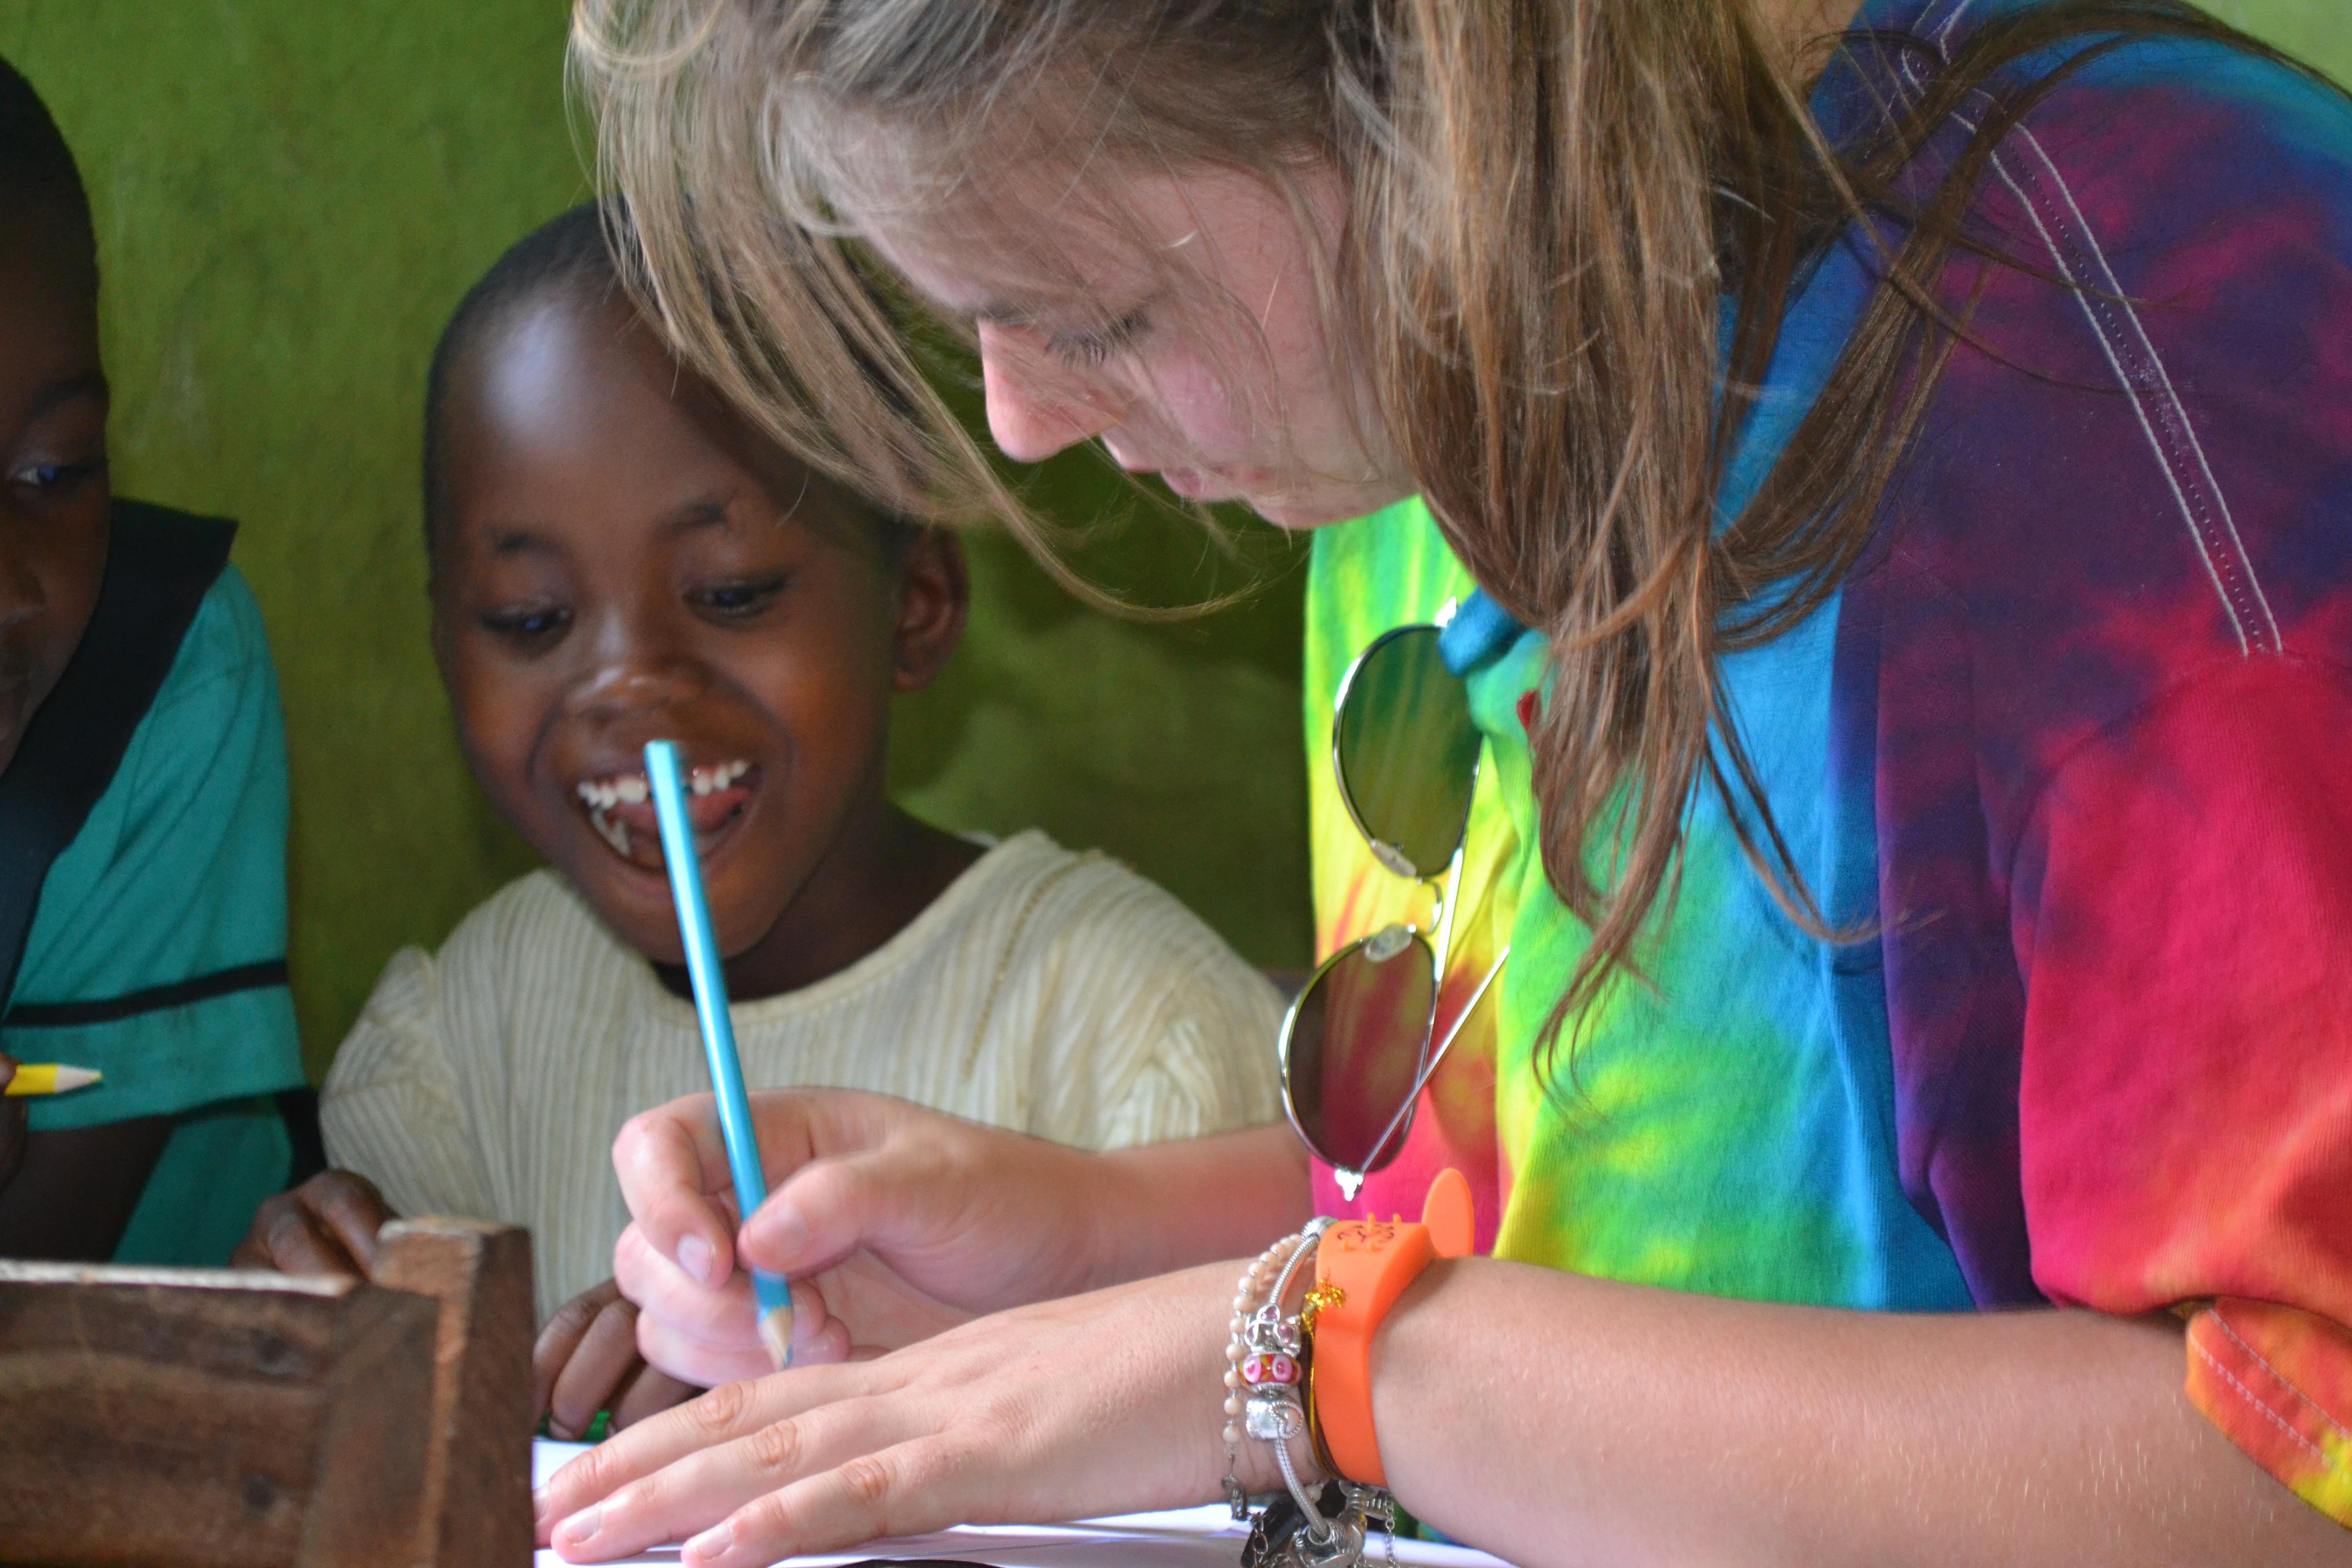 Como parte de su trabajo comunitario de corta duración, una voluntaria ayuda a maestros con actividades en el aula.